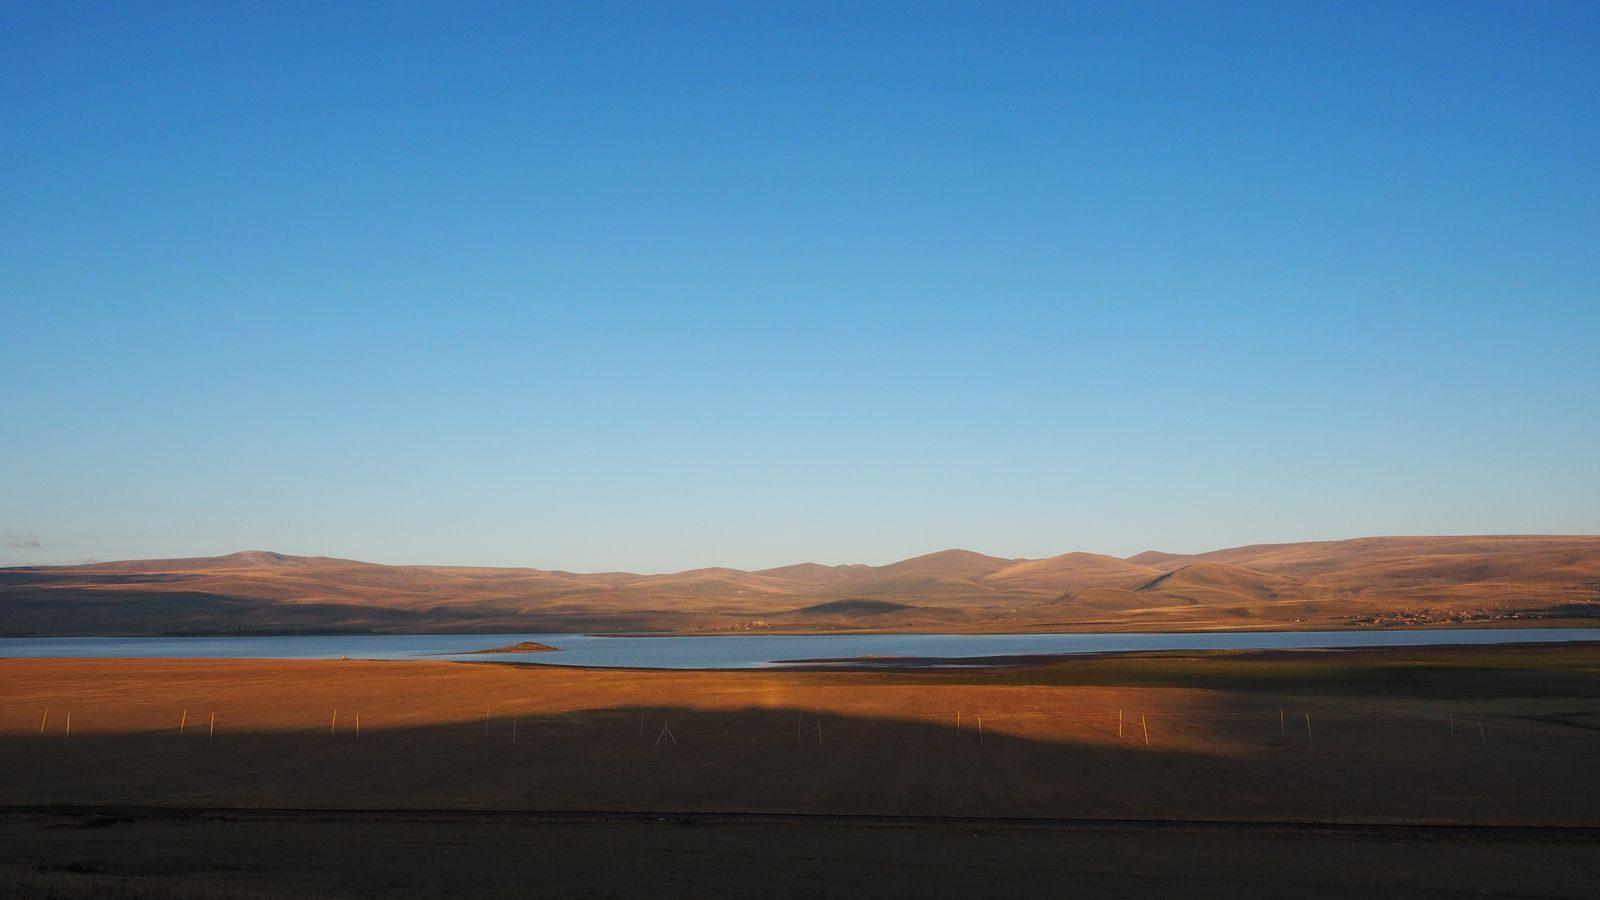 Radreise Armenien - Arpi-See